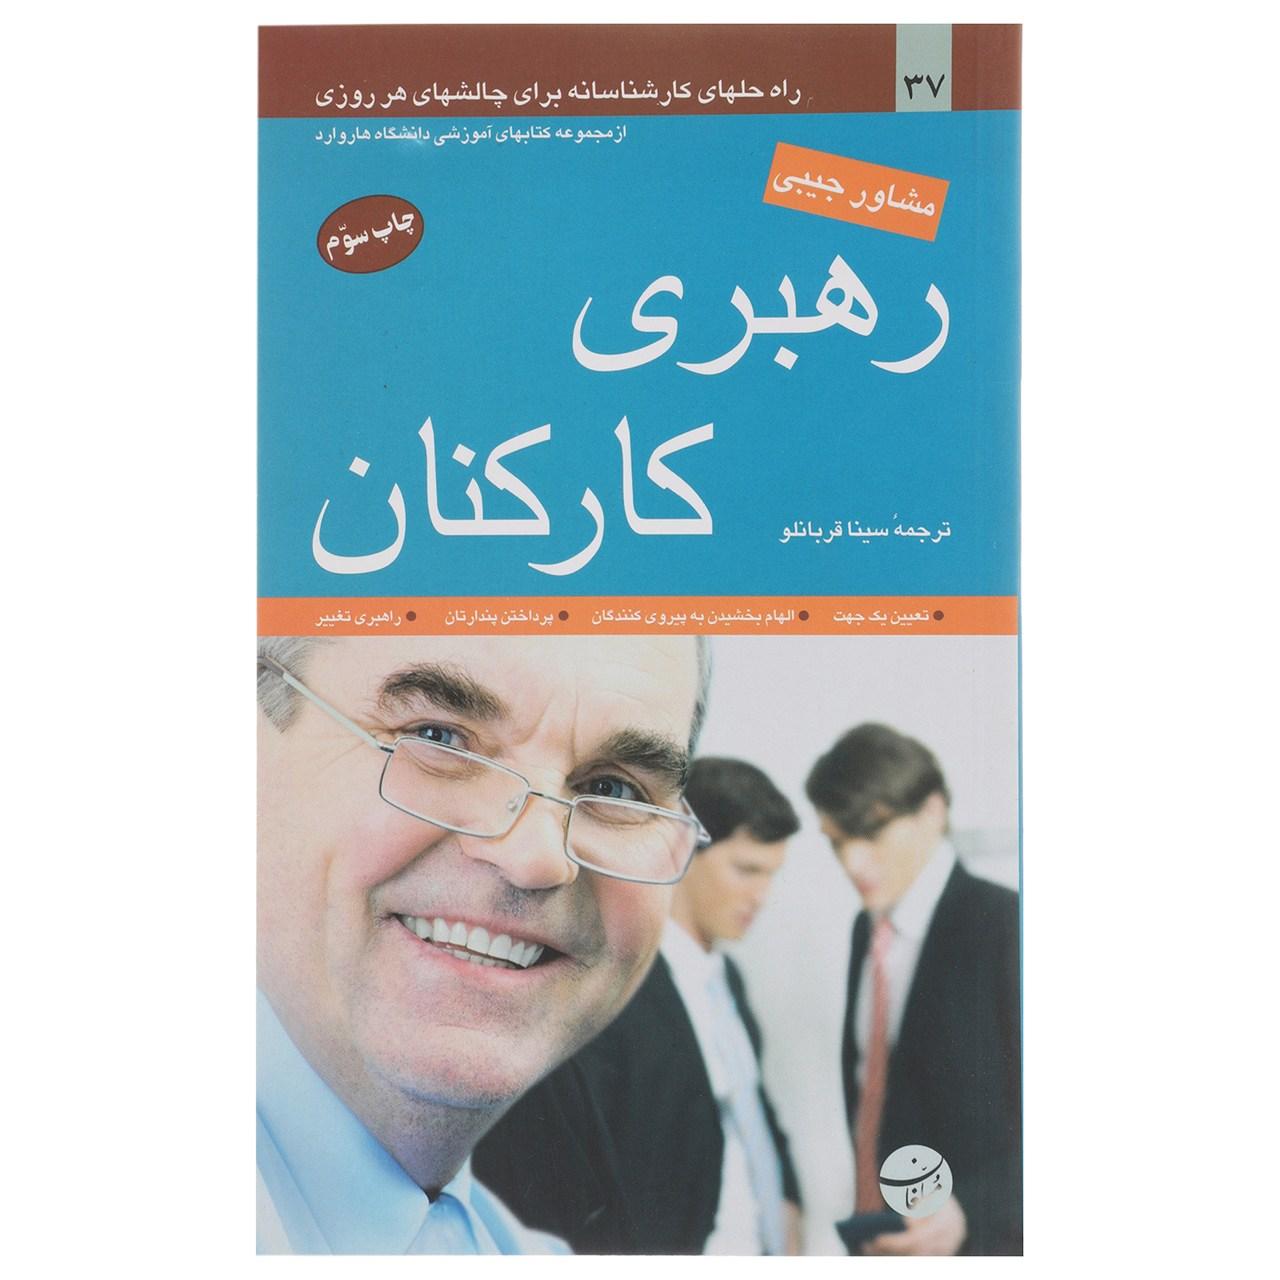 کتاب رهبری کارکنان اثر کتاب هایآموزشیهاروارد